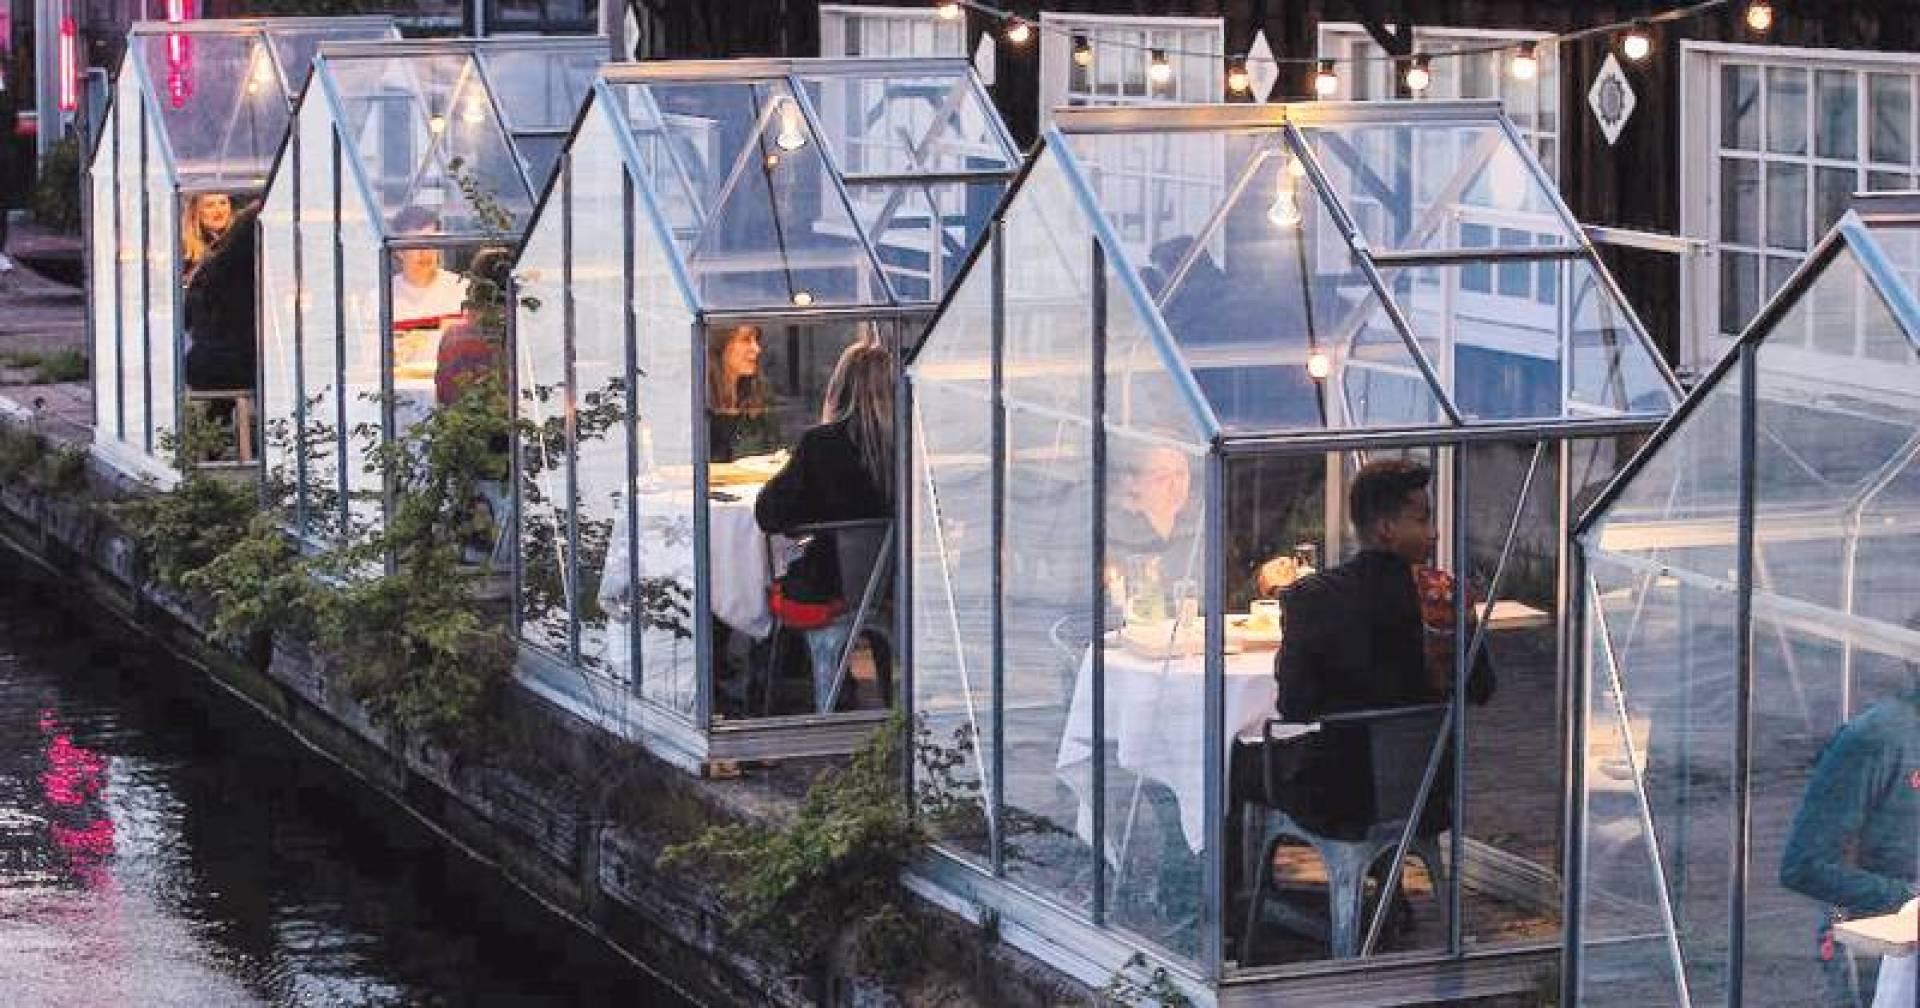 مطاعم هولندا ابتكرت حجرات زجاجية منعزلة لروادها